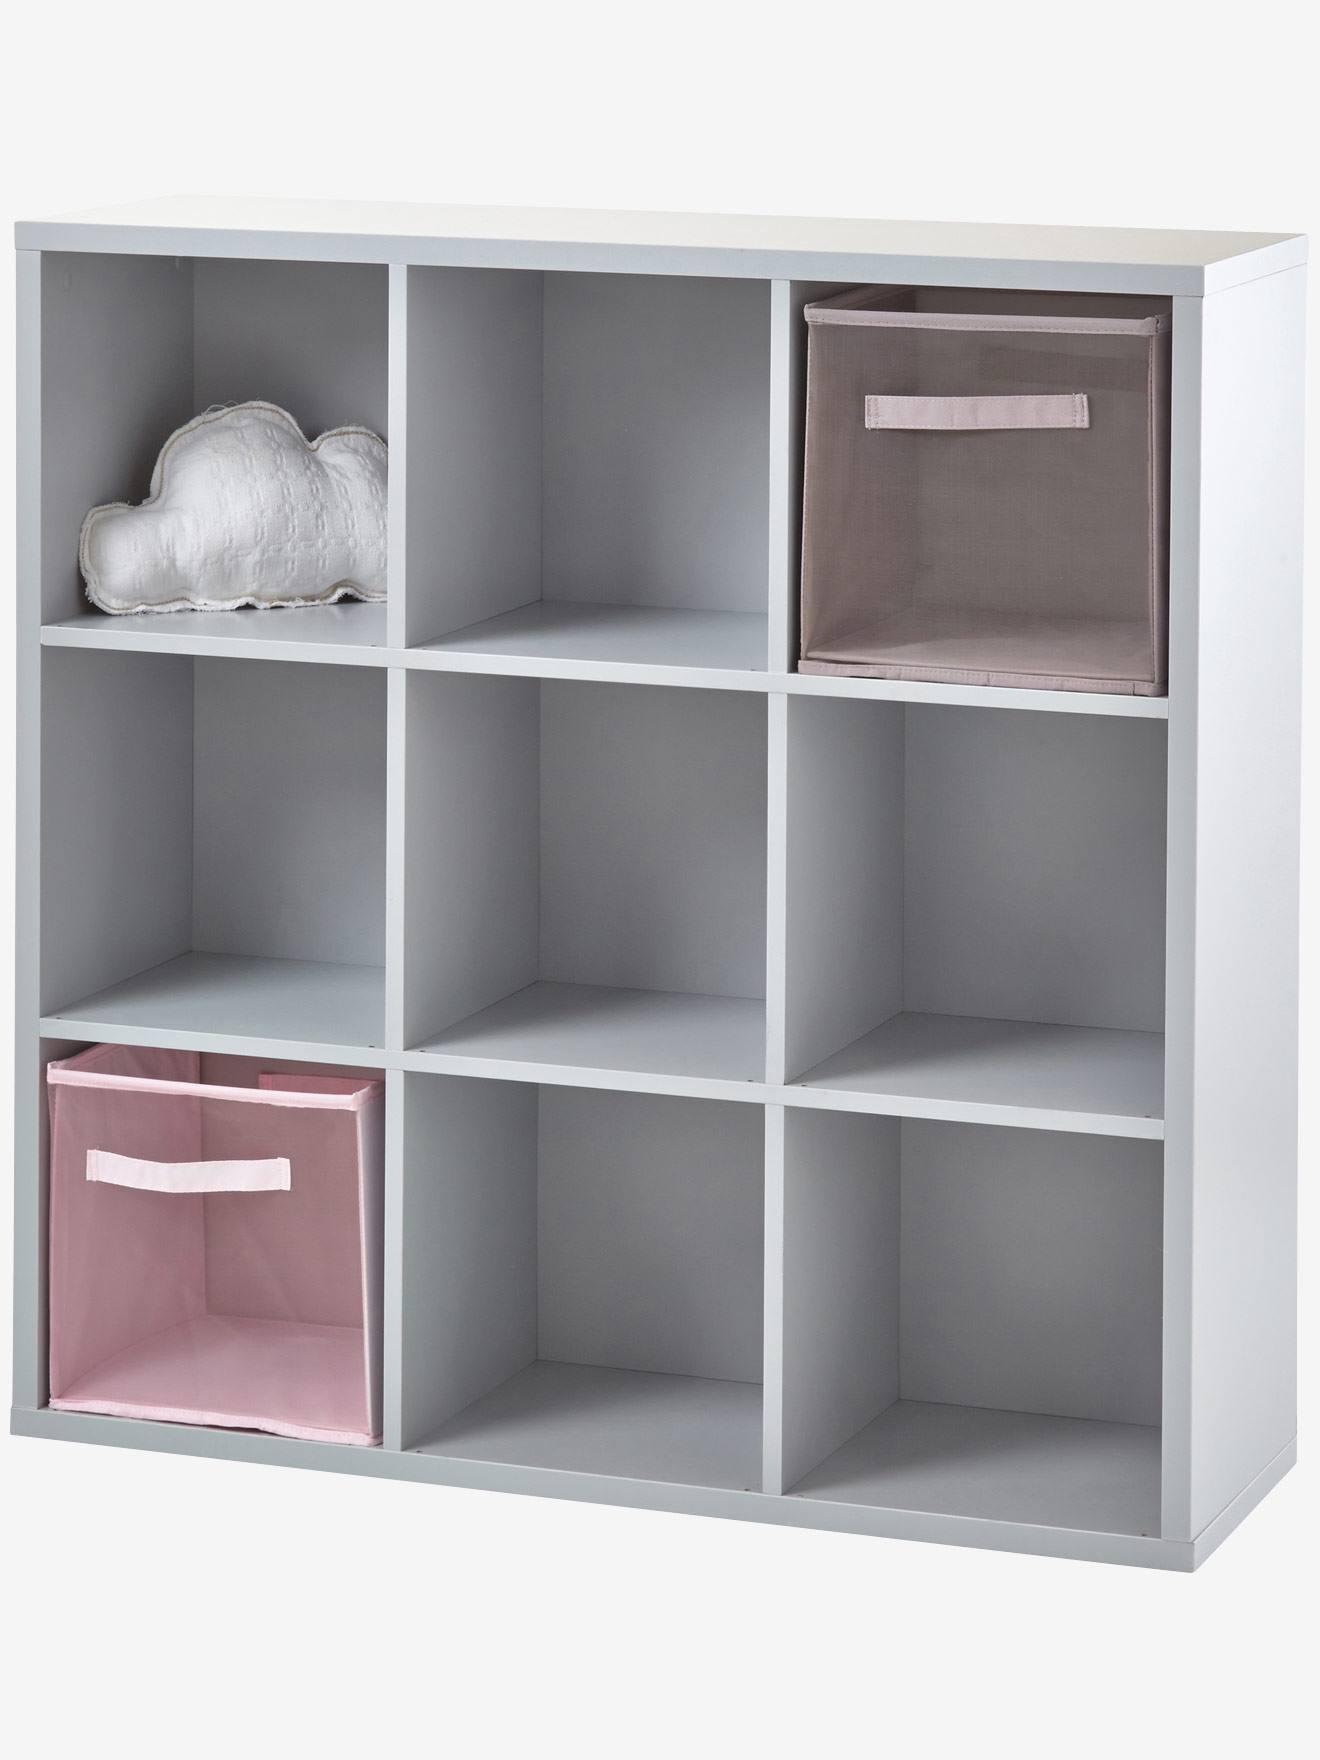 Meuble De Rangement 9 Cases Blanc+Gris 9   Vertbaudet Enfant